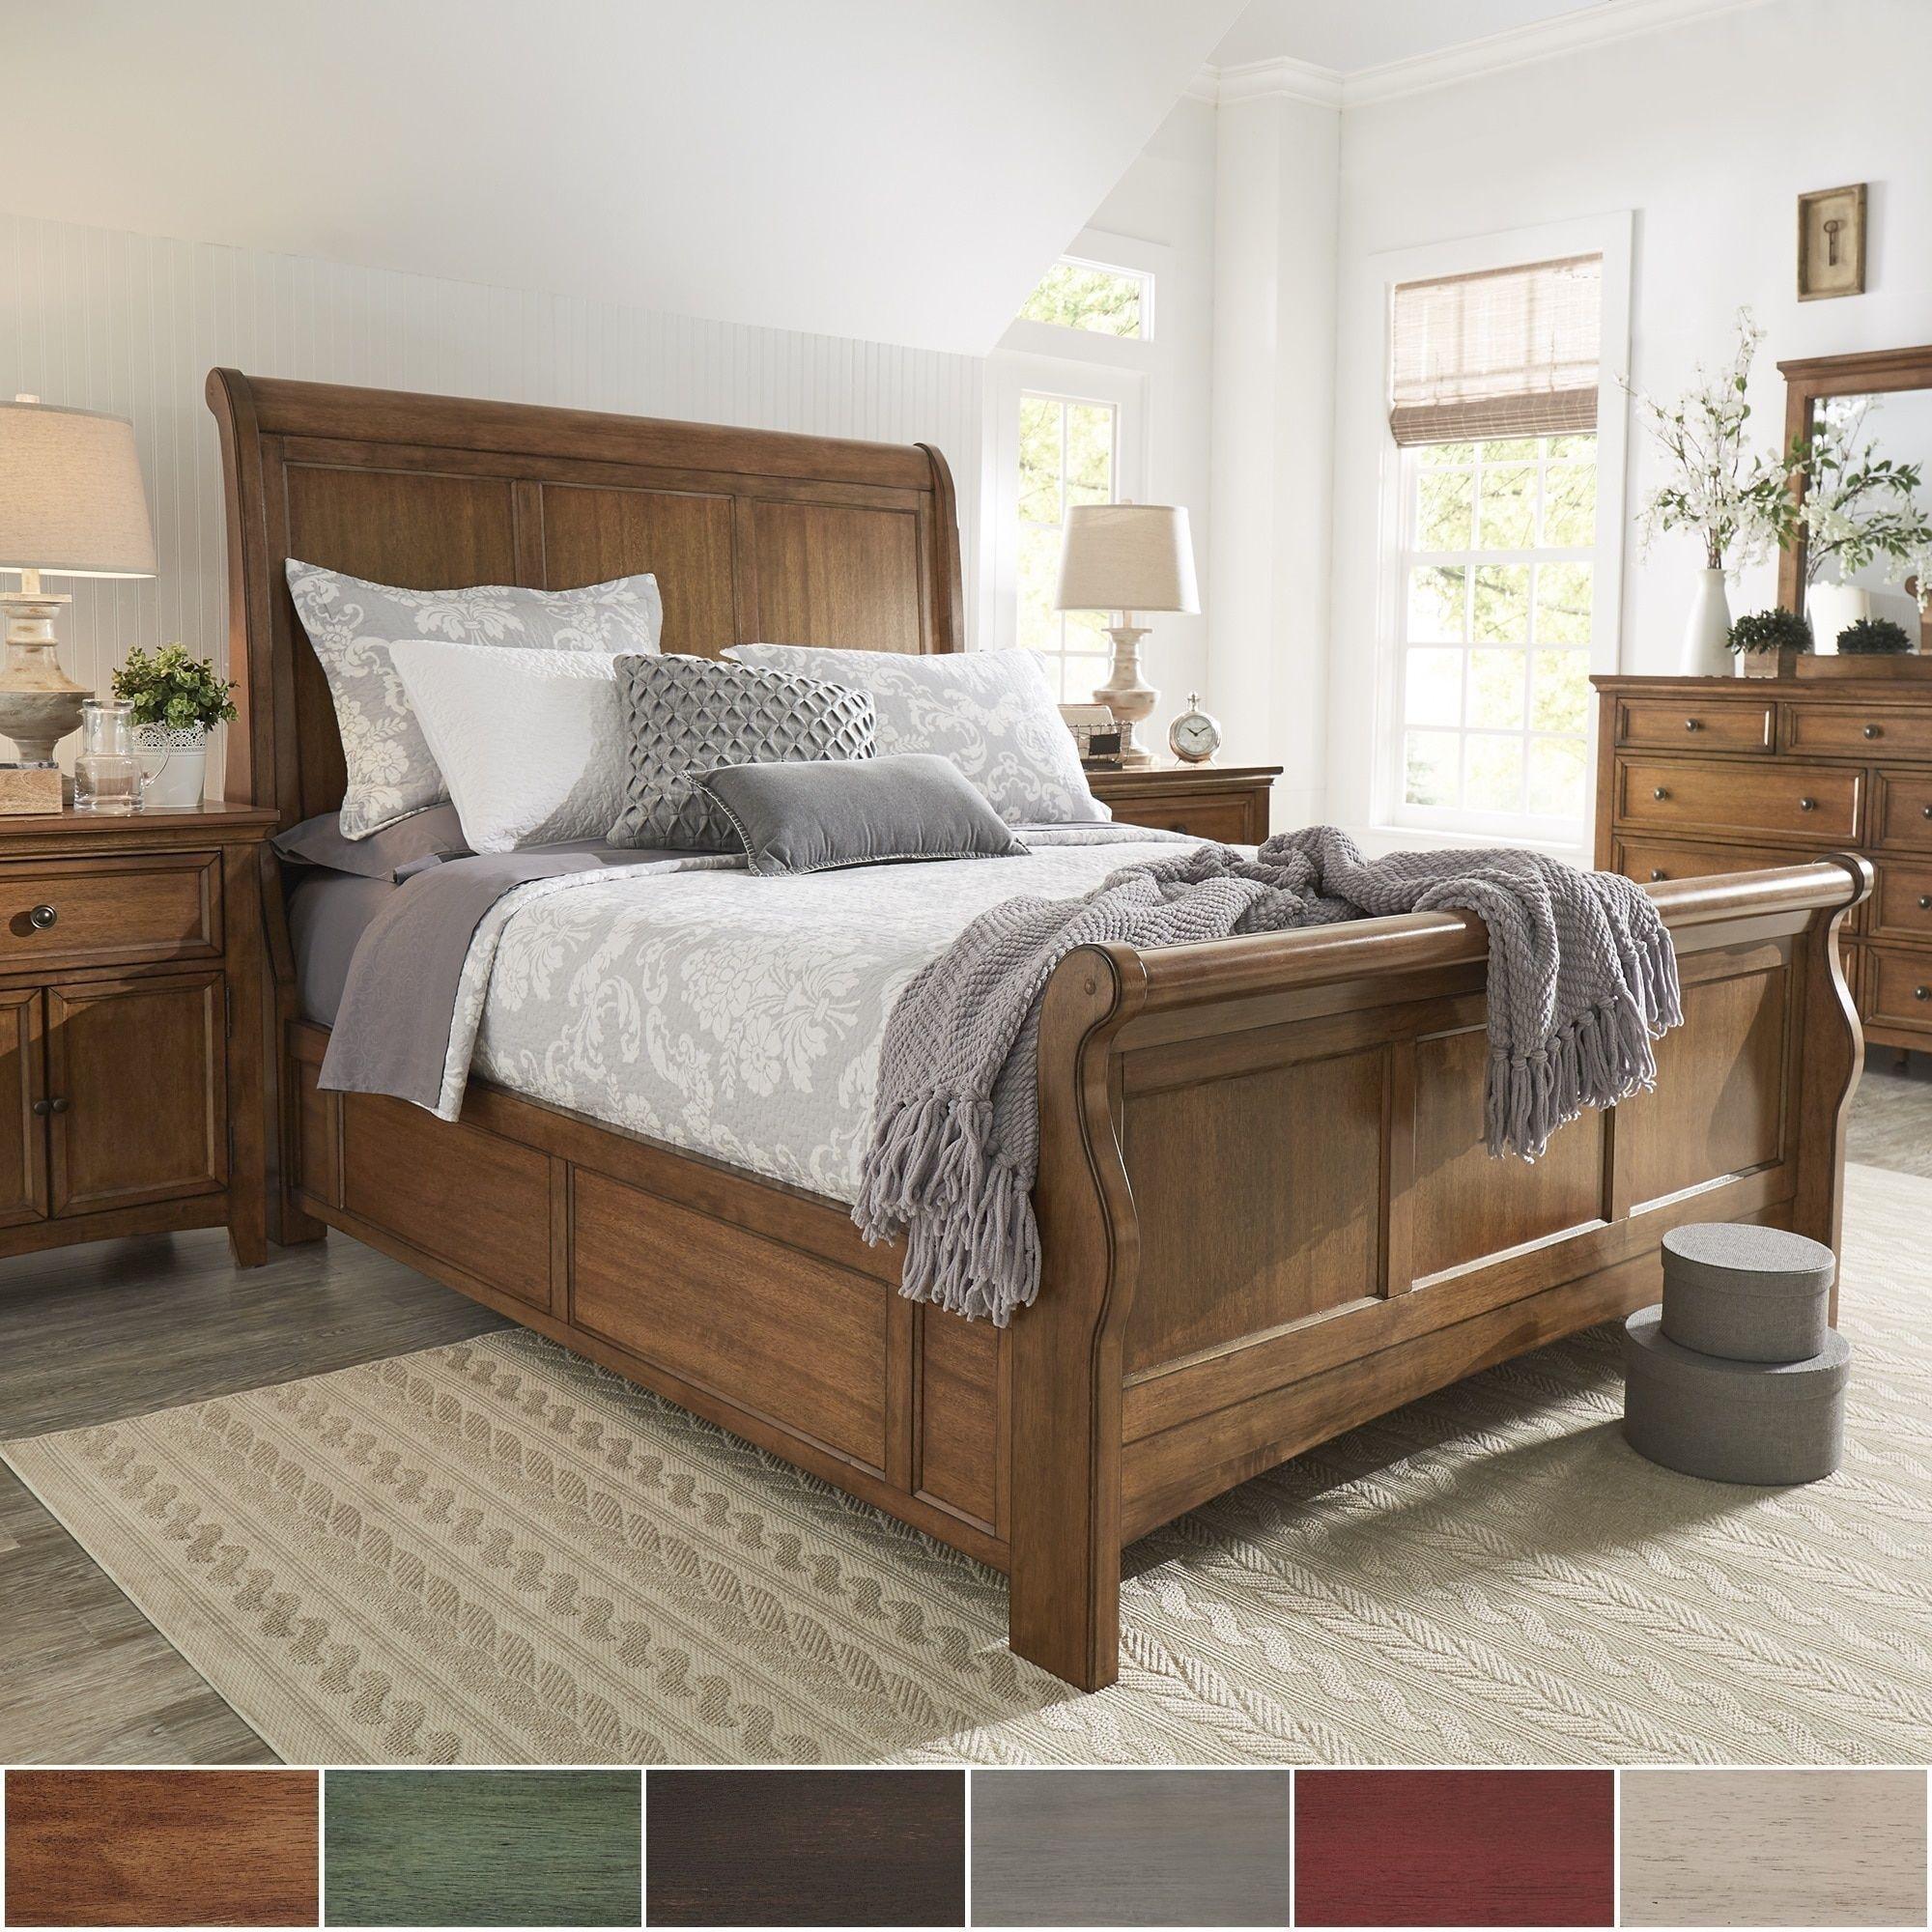 Best Ediline Queen Size Wood Sleigh Platform Bed By Inspire Q 640 x 480